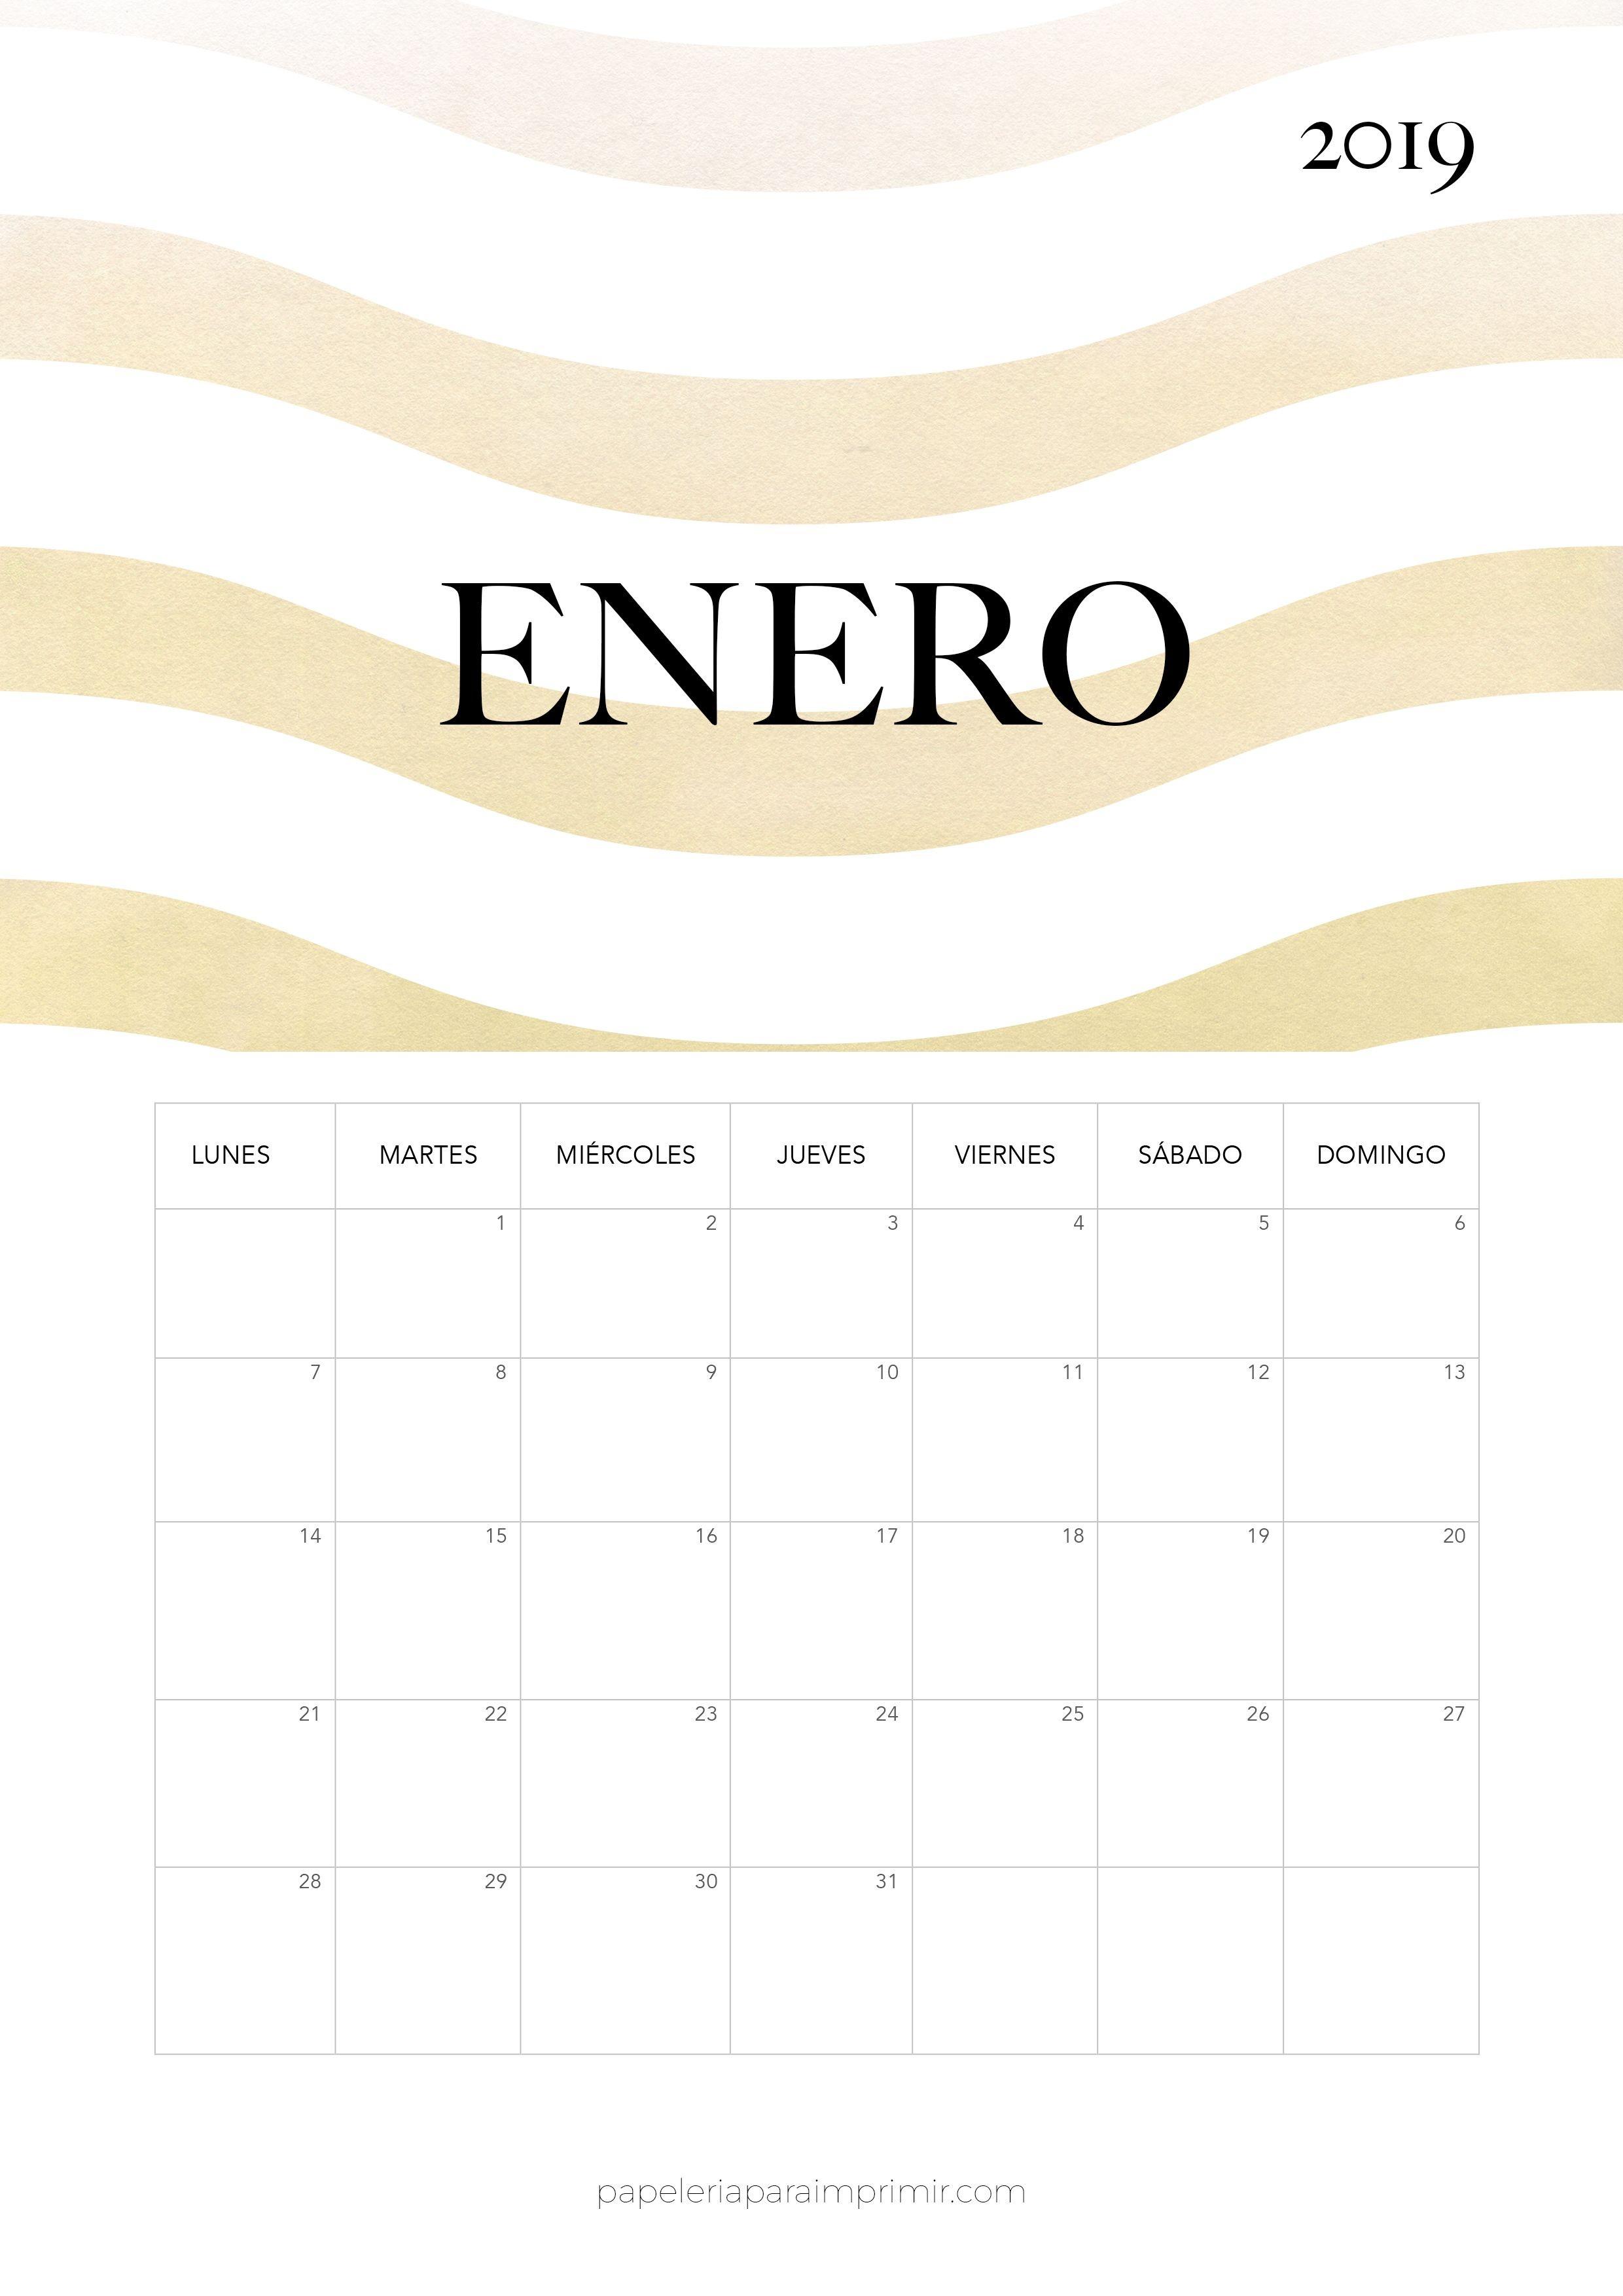 Calendario Escolar Agosto 2019 Más Populares Calendario 2019 Enero Calendario Mensual De Estilo Minimal Moderno Of Calendario Escolar Agosto 2019 Más Caliente Inspiraci³n 40 Ejemplo Agisto 2019